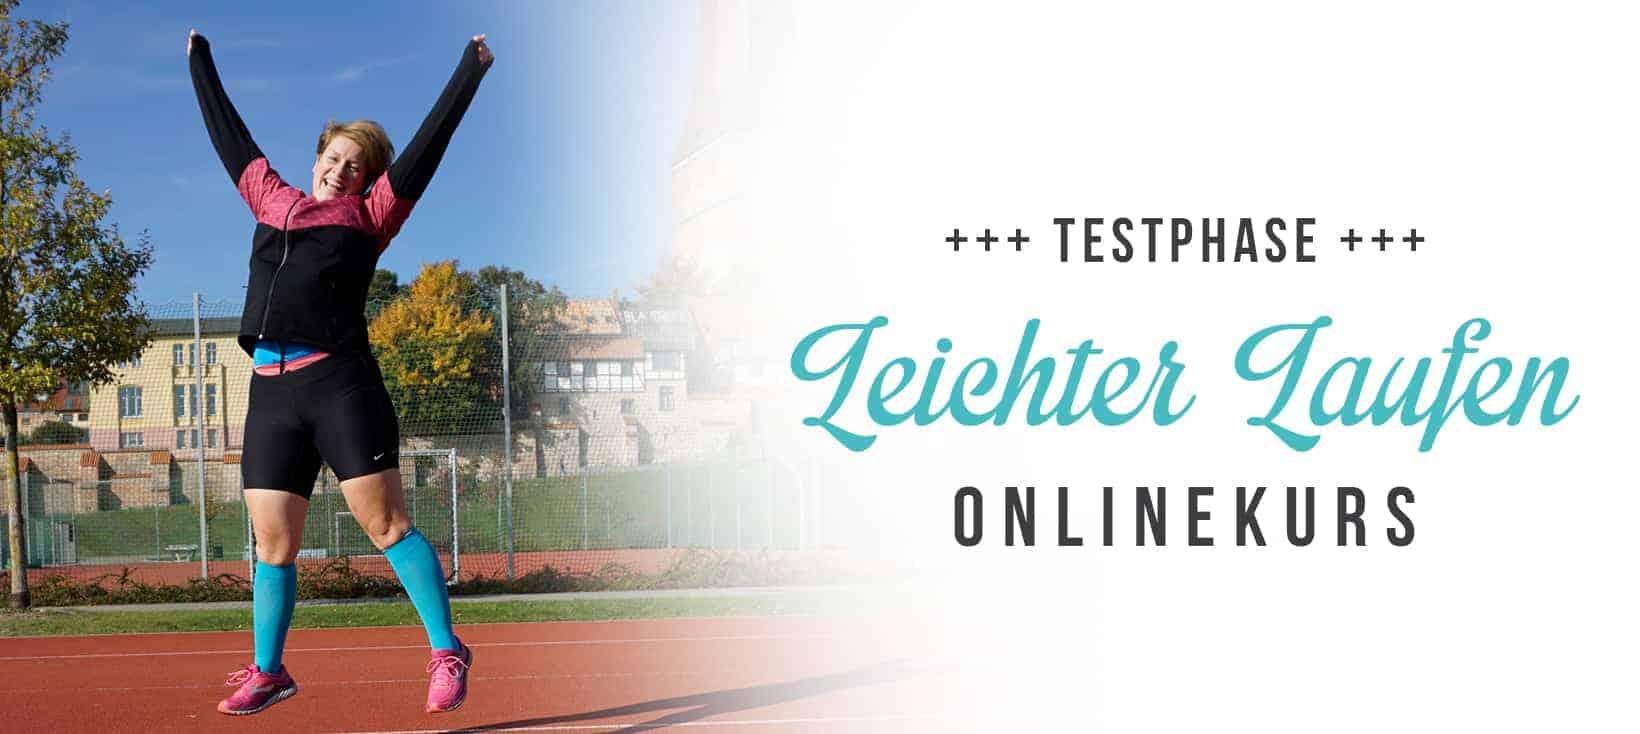 Sei bei der Testphase für den neuen Leichter Laufen-Onlinekurs dabei!